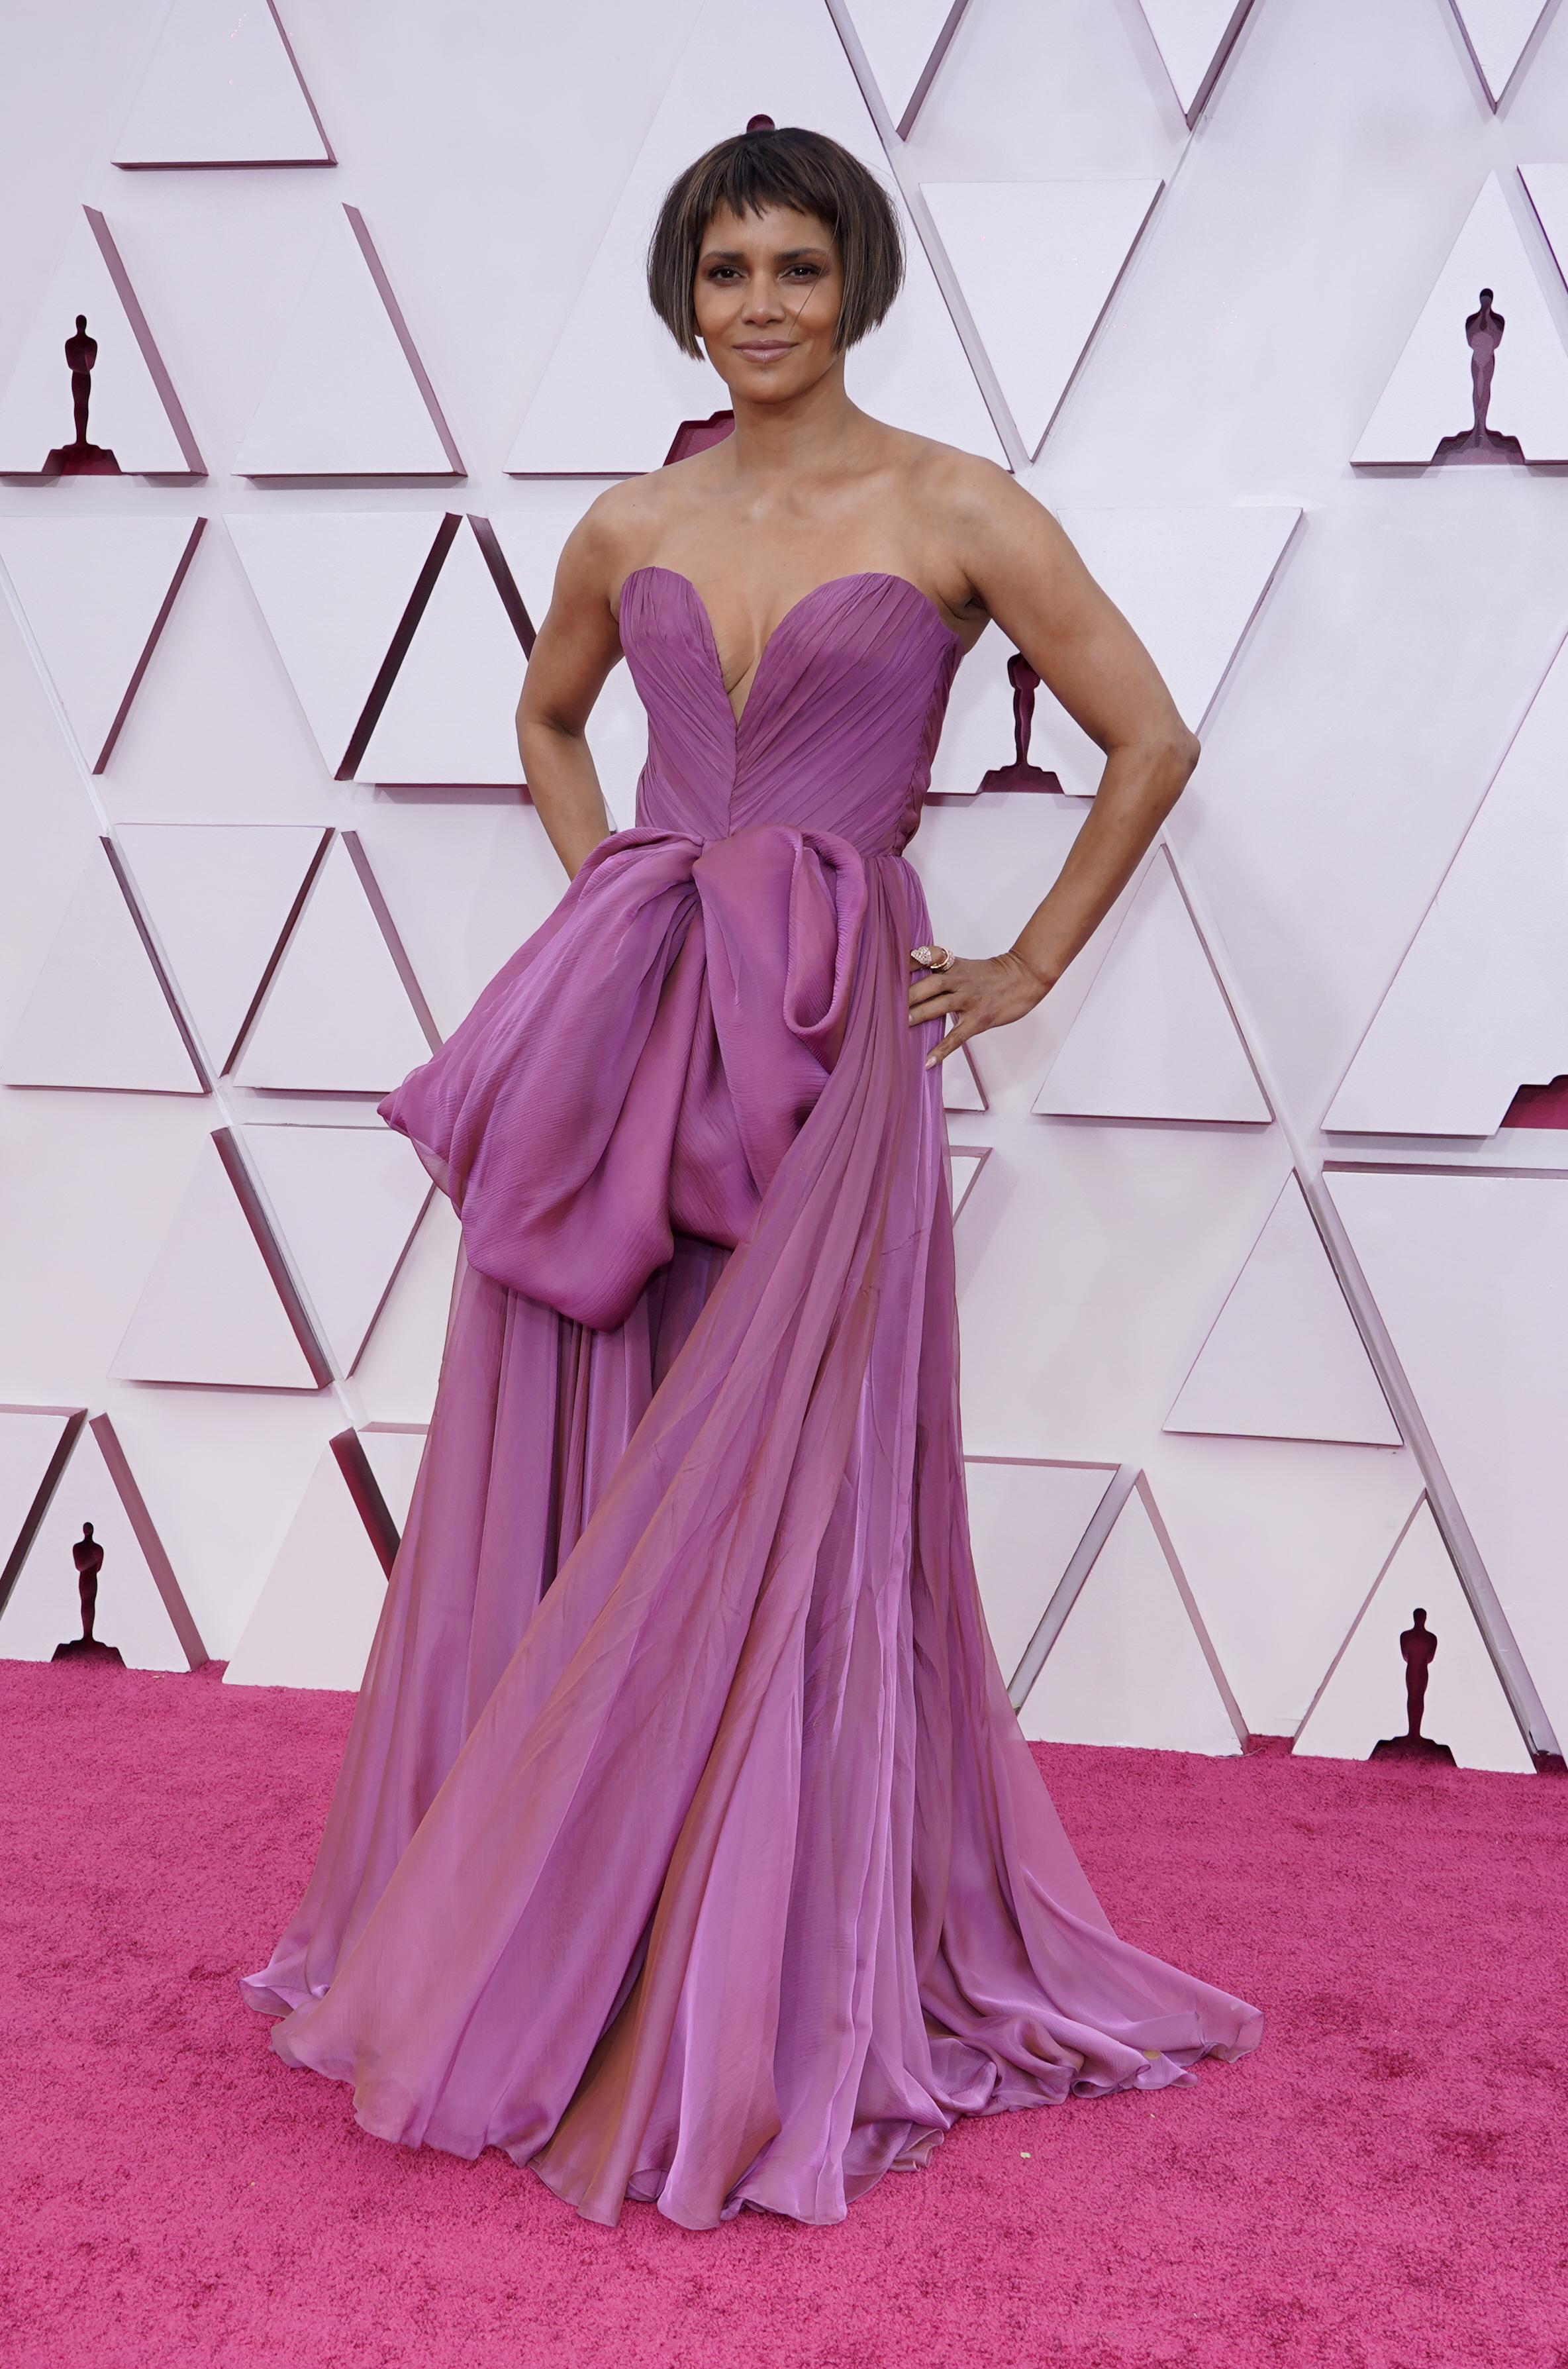 """La actriz en Halle Berry impactó con su nuevo """"look"""" al cortarse el cabello en en un """"microbob"""" y pollina corta."""